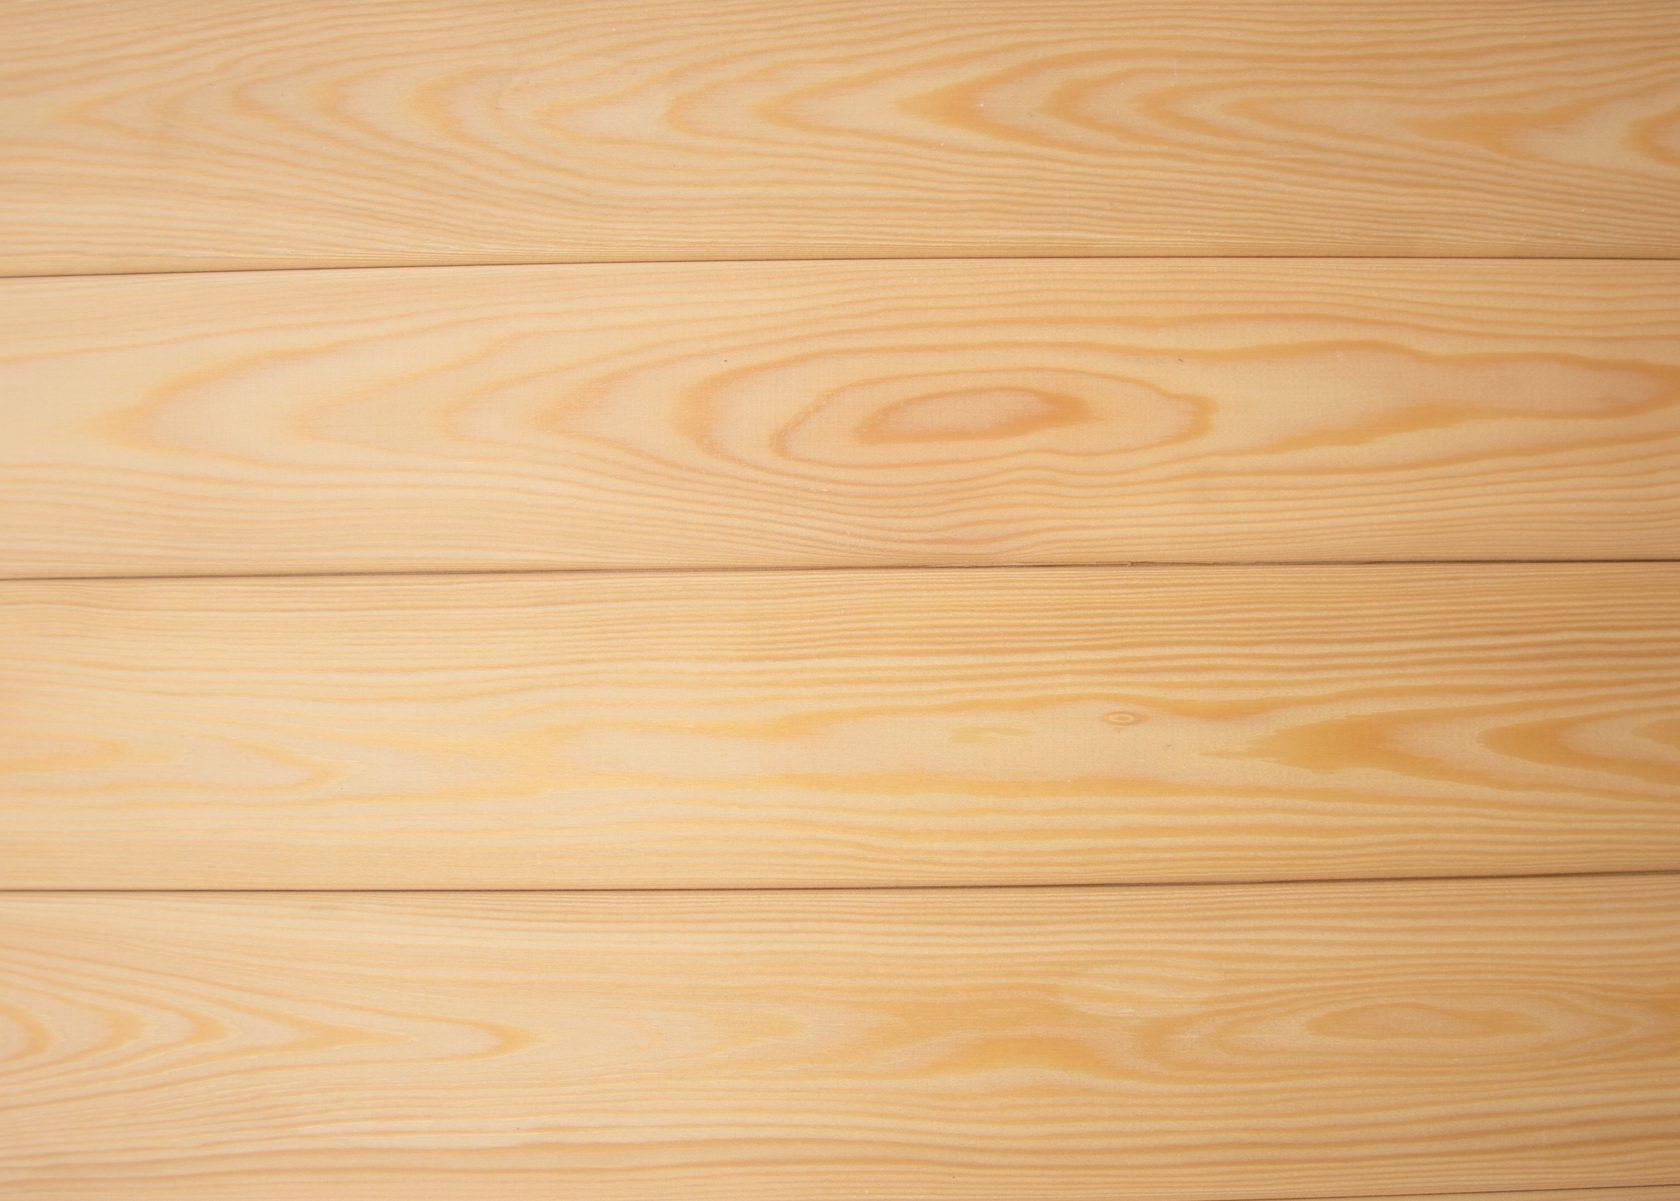 Доска для полков в баню: расстояние между досками, размеры, как крепить, какой зазор у полковой доски